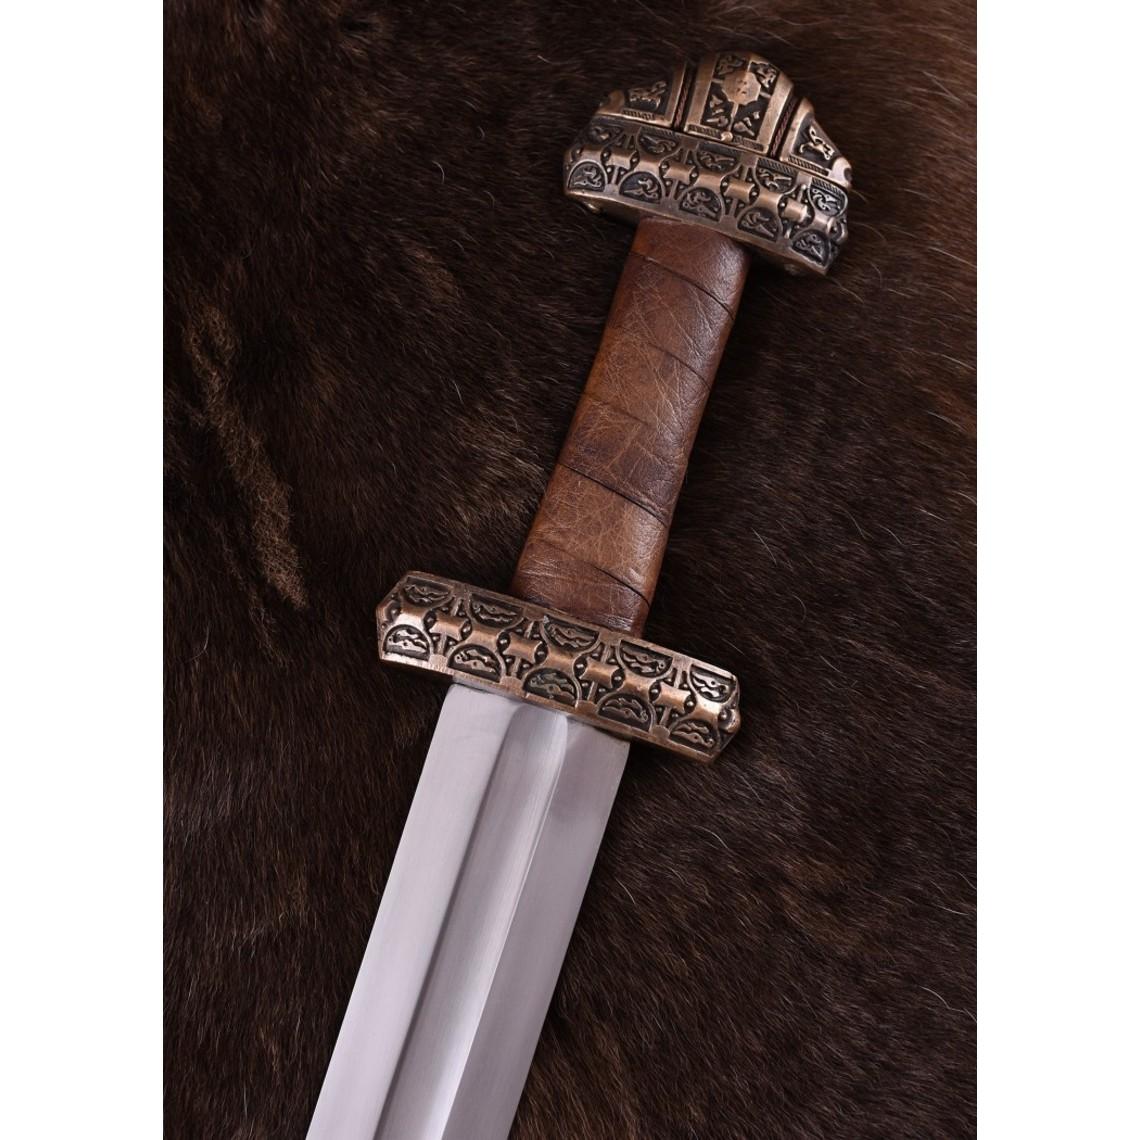 Deepeeka Viking espada isla Eigg, empuñadura de cuero